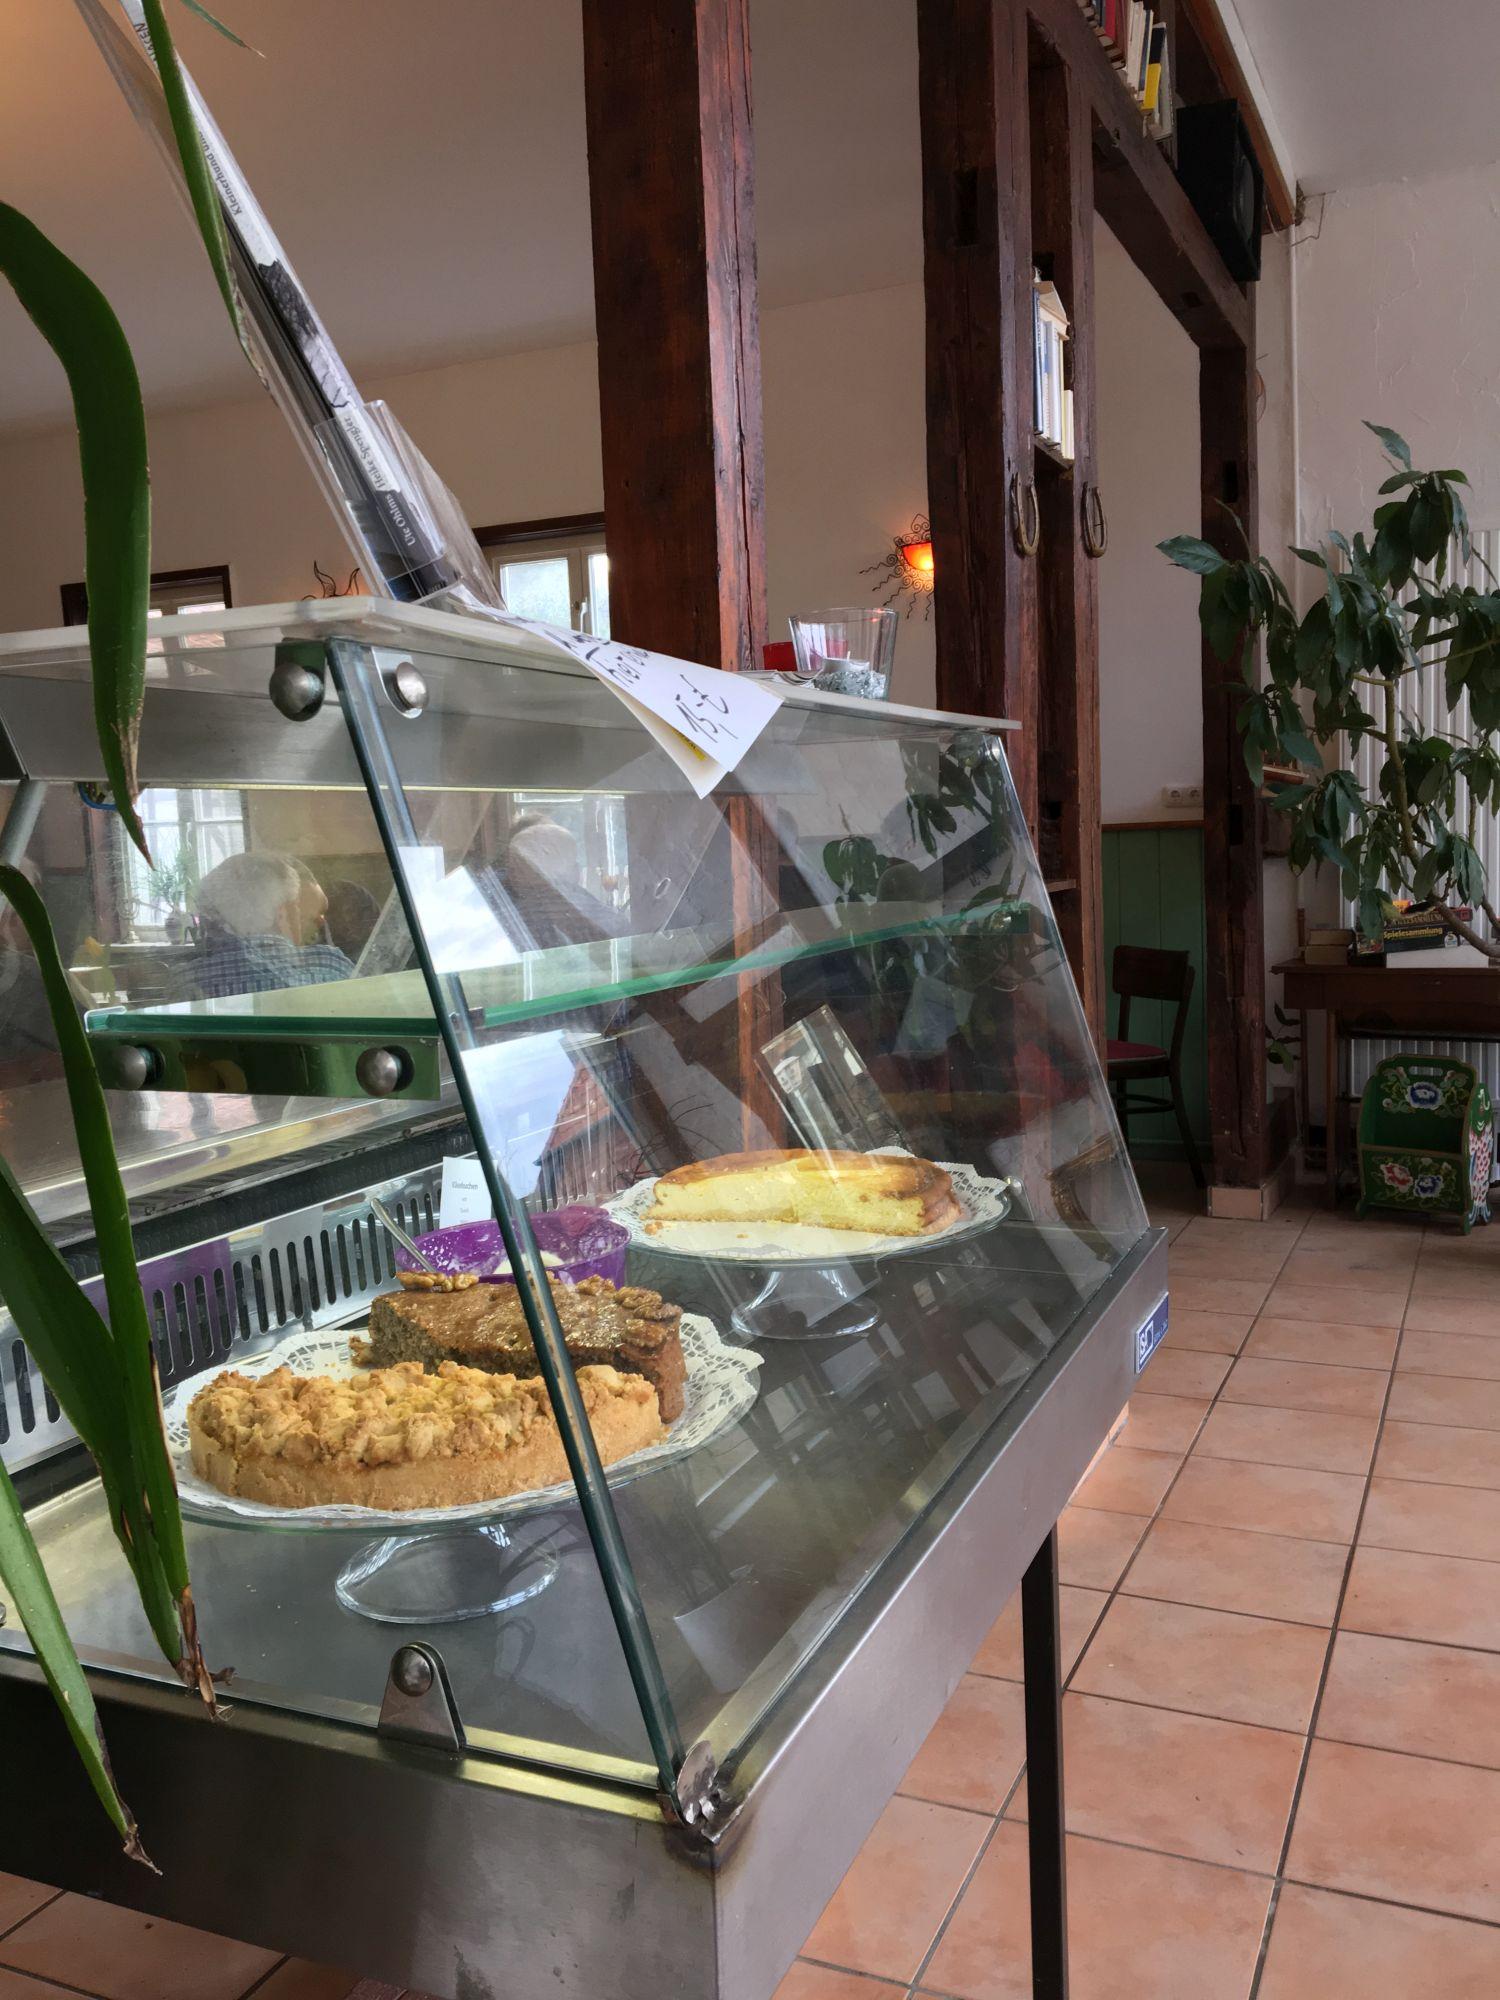 Noerdliches_Harzvorland_Reitlingstal_Elm_Cafe_Vintage_Tortenschau_1